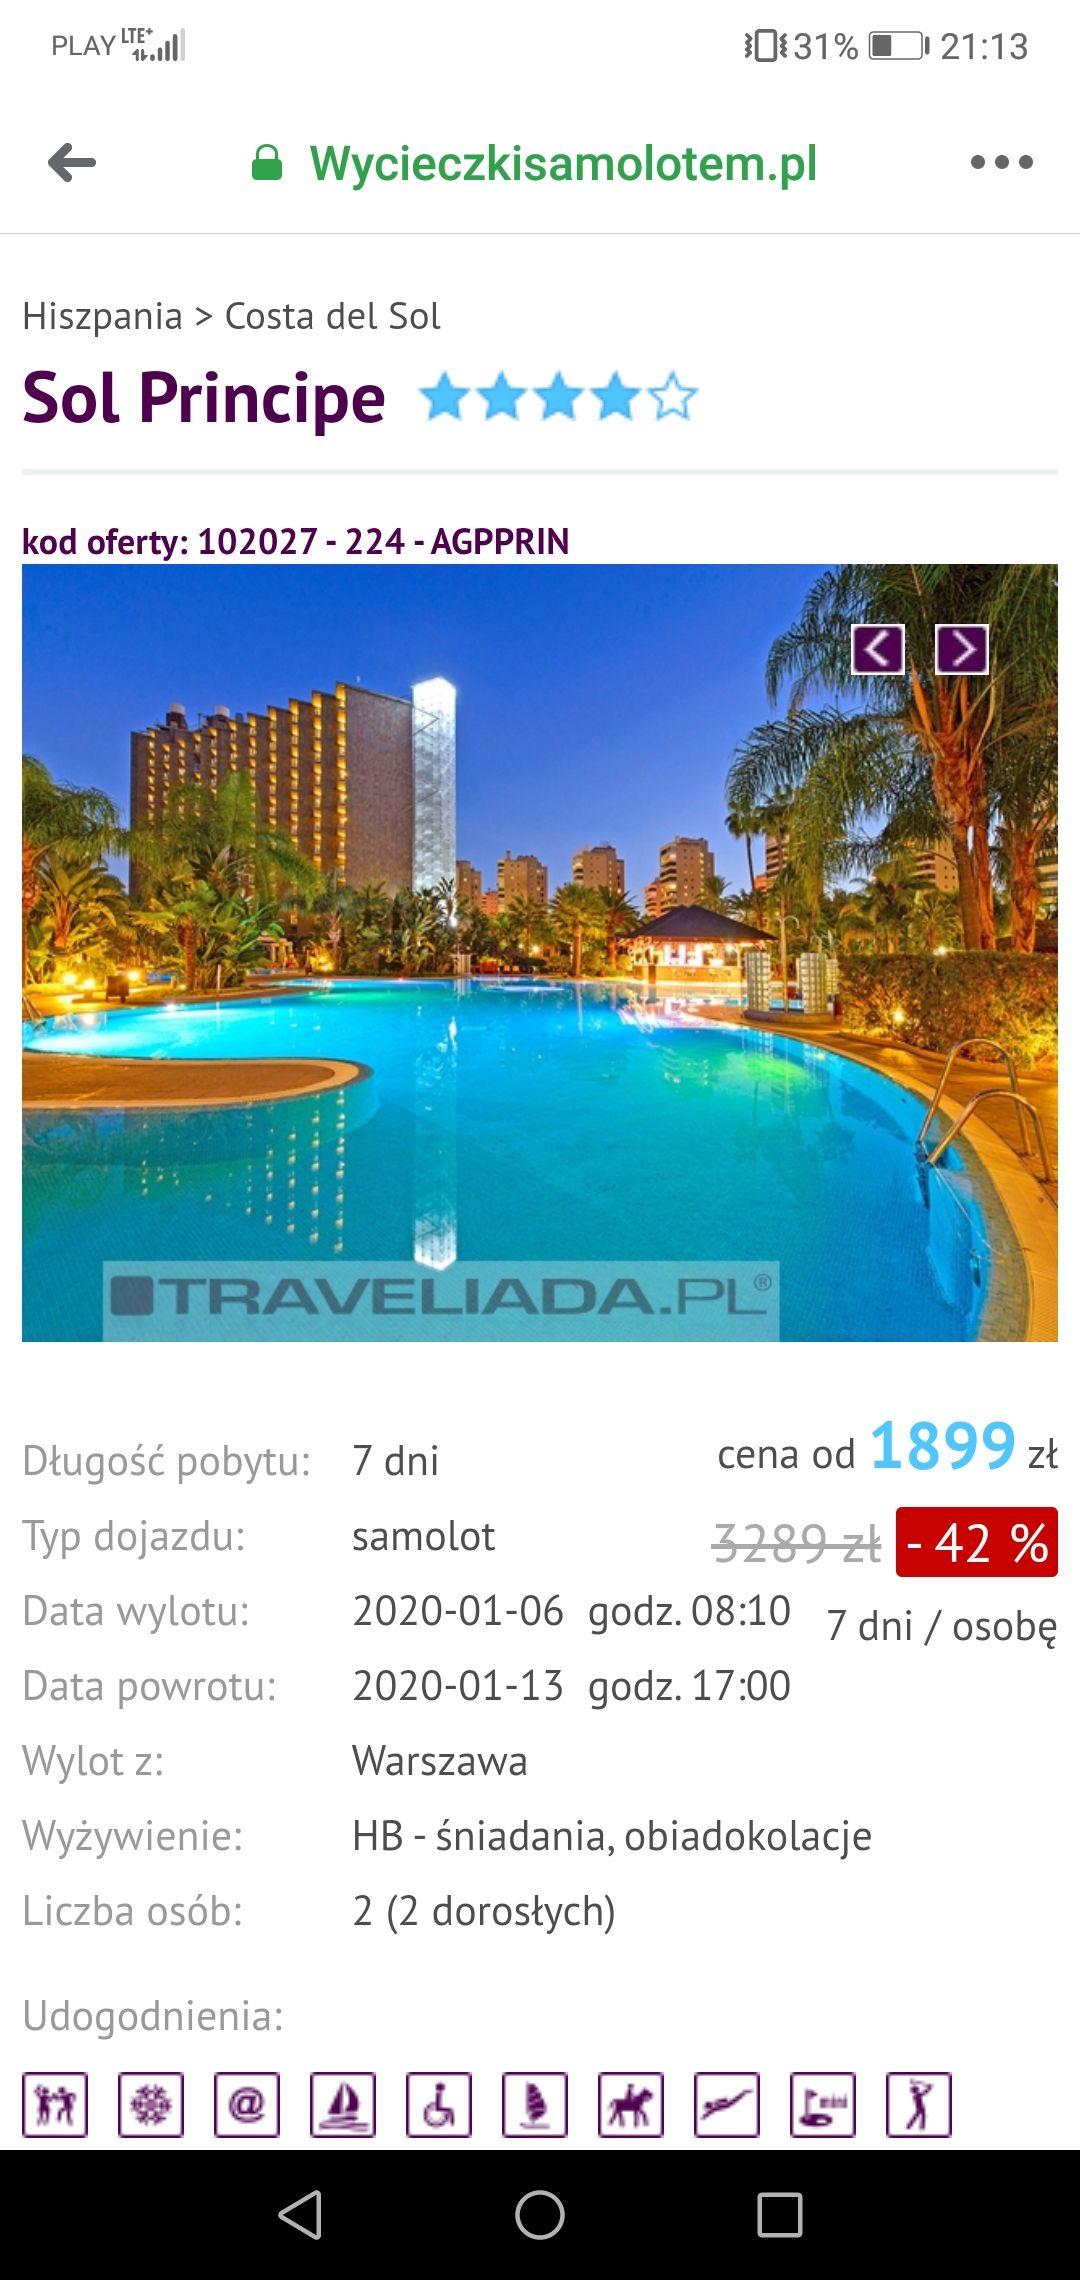 SOL PRINCIPE 4 Gwiazdki- Costa Del Sol -Hiszpania- Duży hotel z wieloma atrakcjami dla dzieci i dorosłych - Cena od 1899 zł / osobę